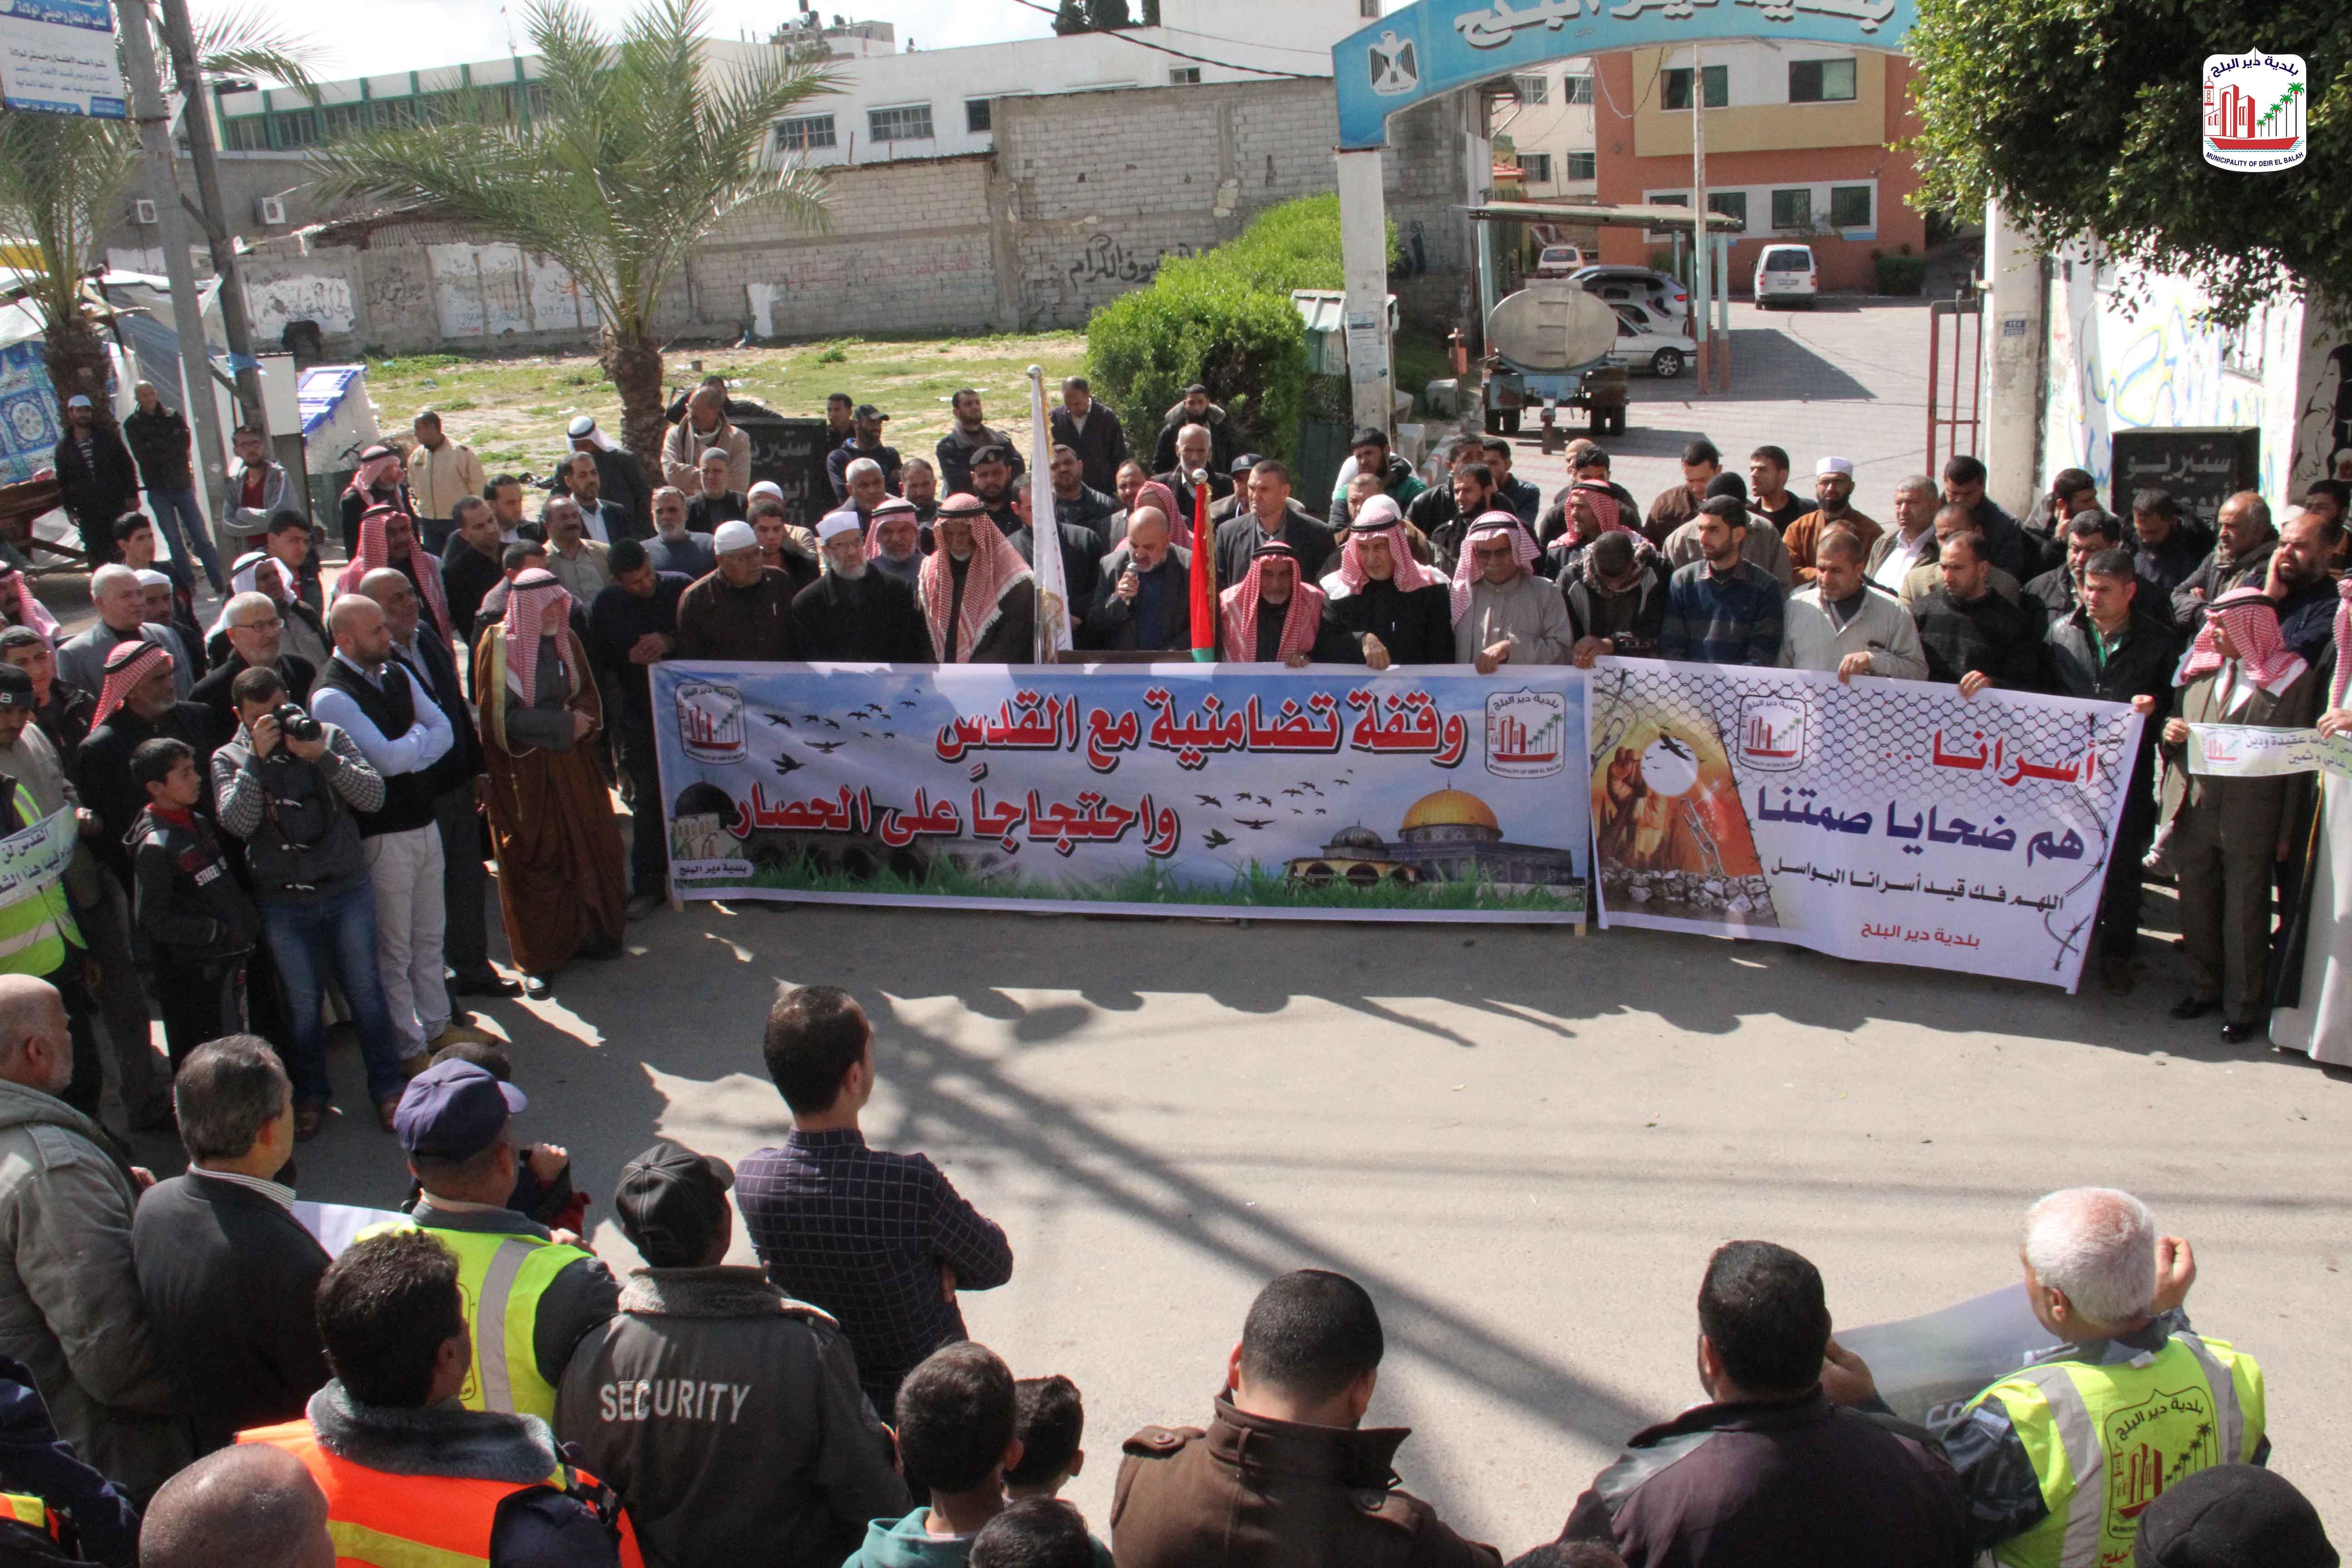 بلدية دير البلح تنظم وقفة  تضامنية مع القدس واحتجاجاً على الحصار